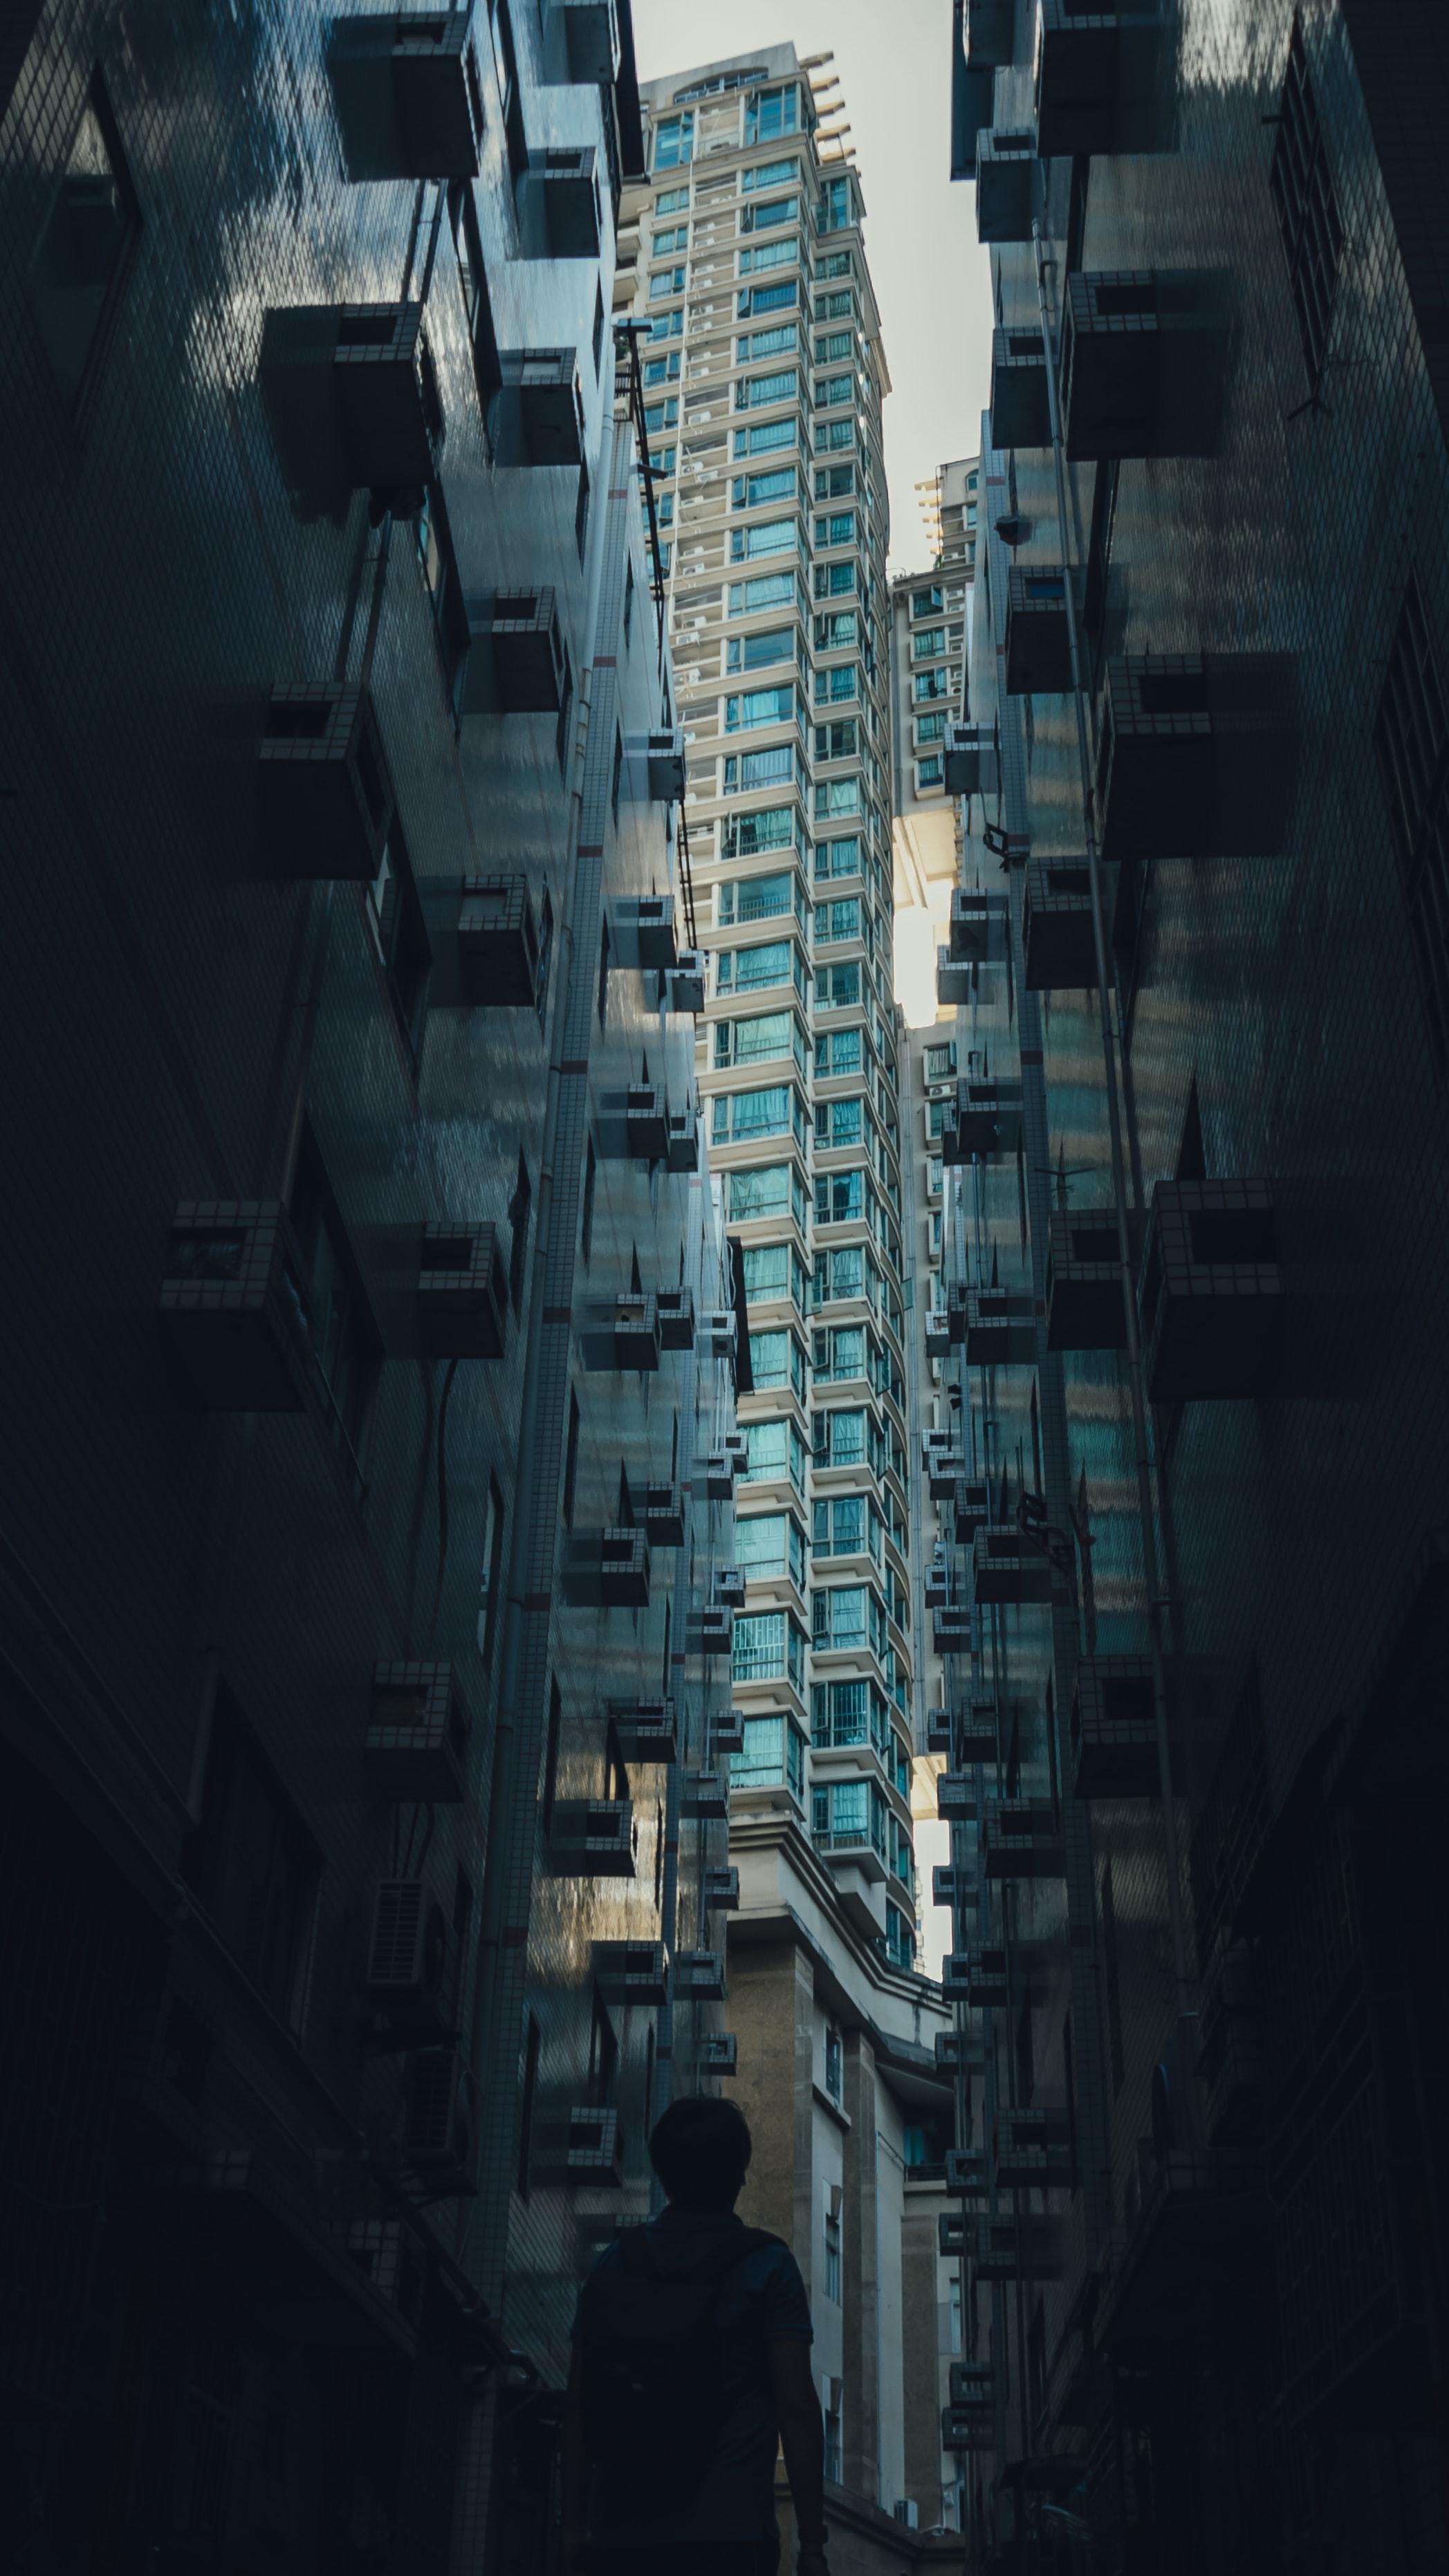 70831壁紙のダウンロードその他, 雑, シルエット, 孤独, 寂しさ, 建物, 高層ビル, 高 層 ビル, 市, 都市-スクリーンセーバーと写真を無料で